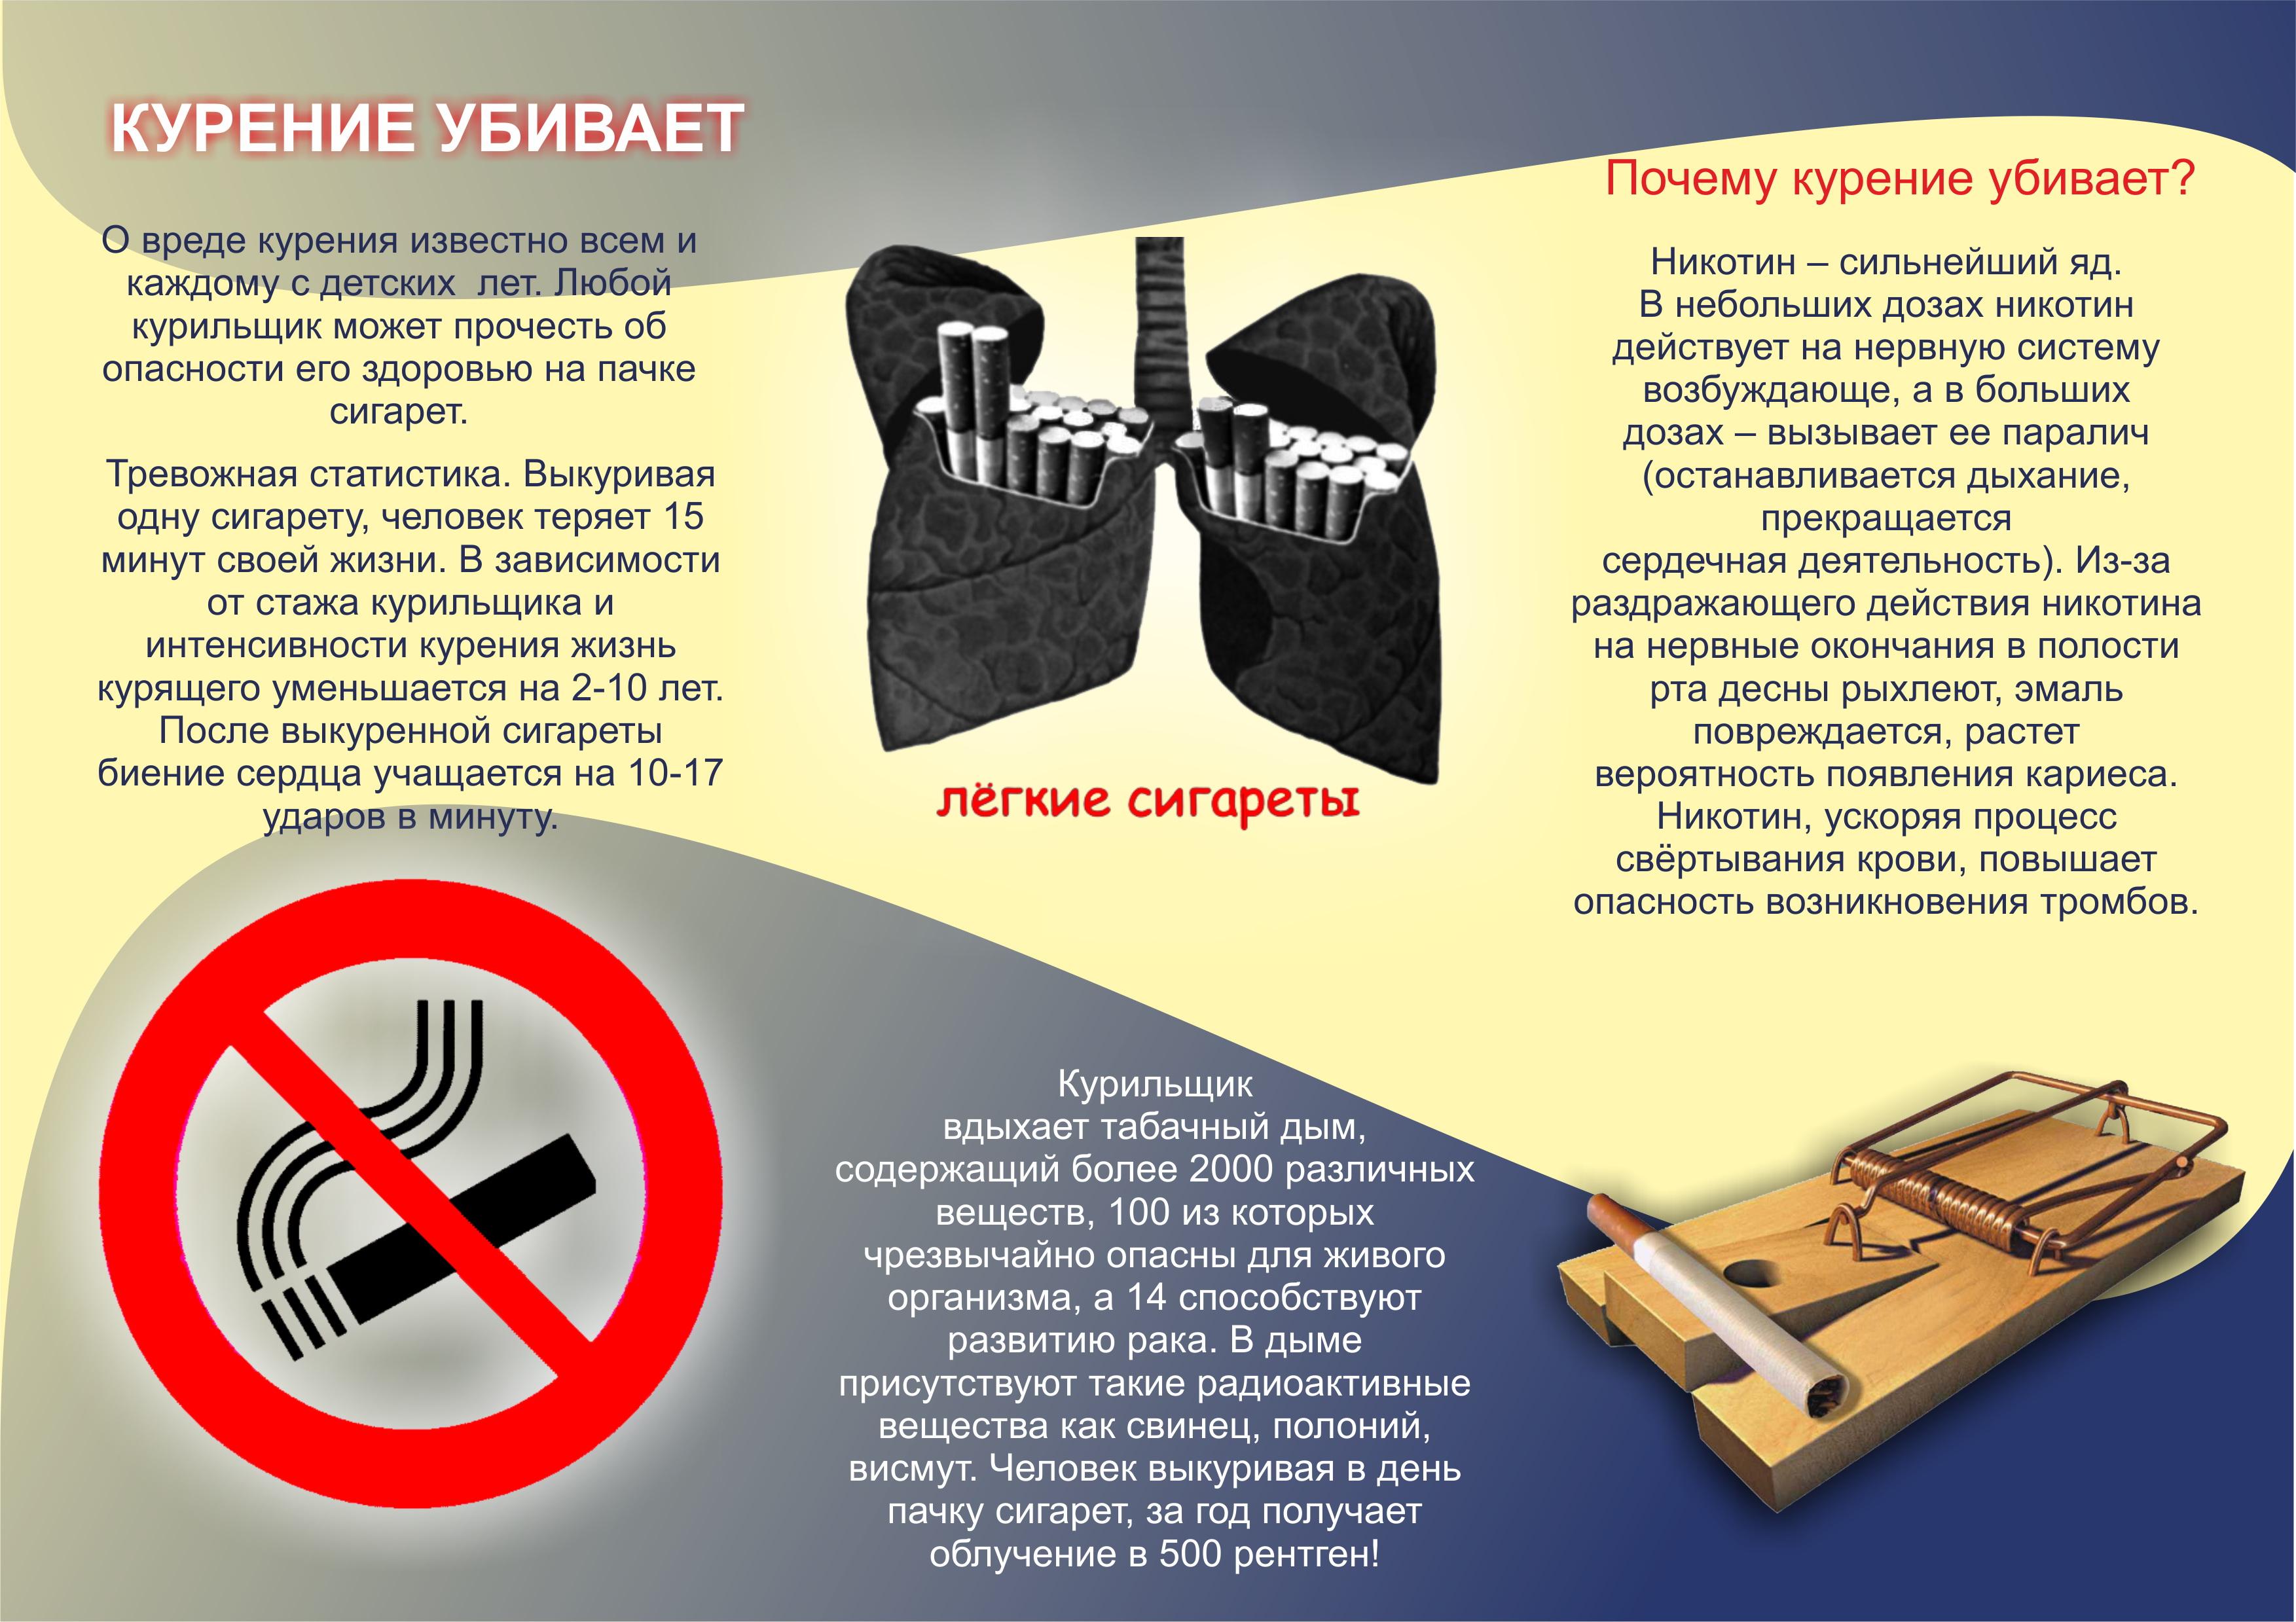 буклет о курении картинки любой специальности, которая